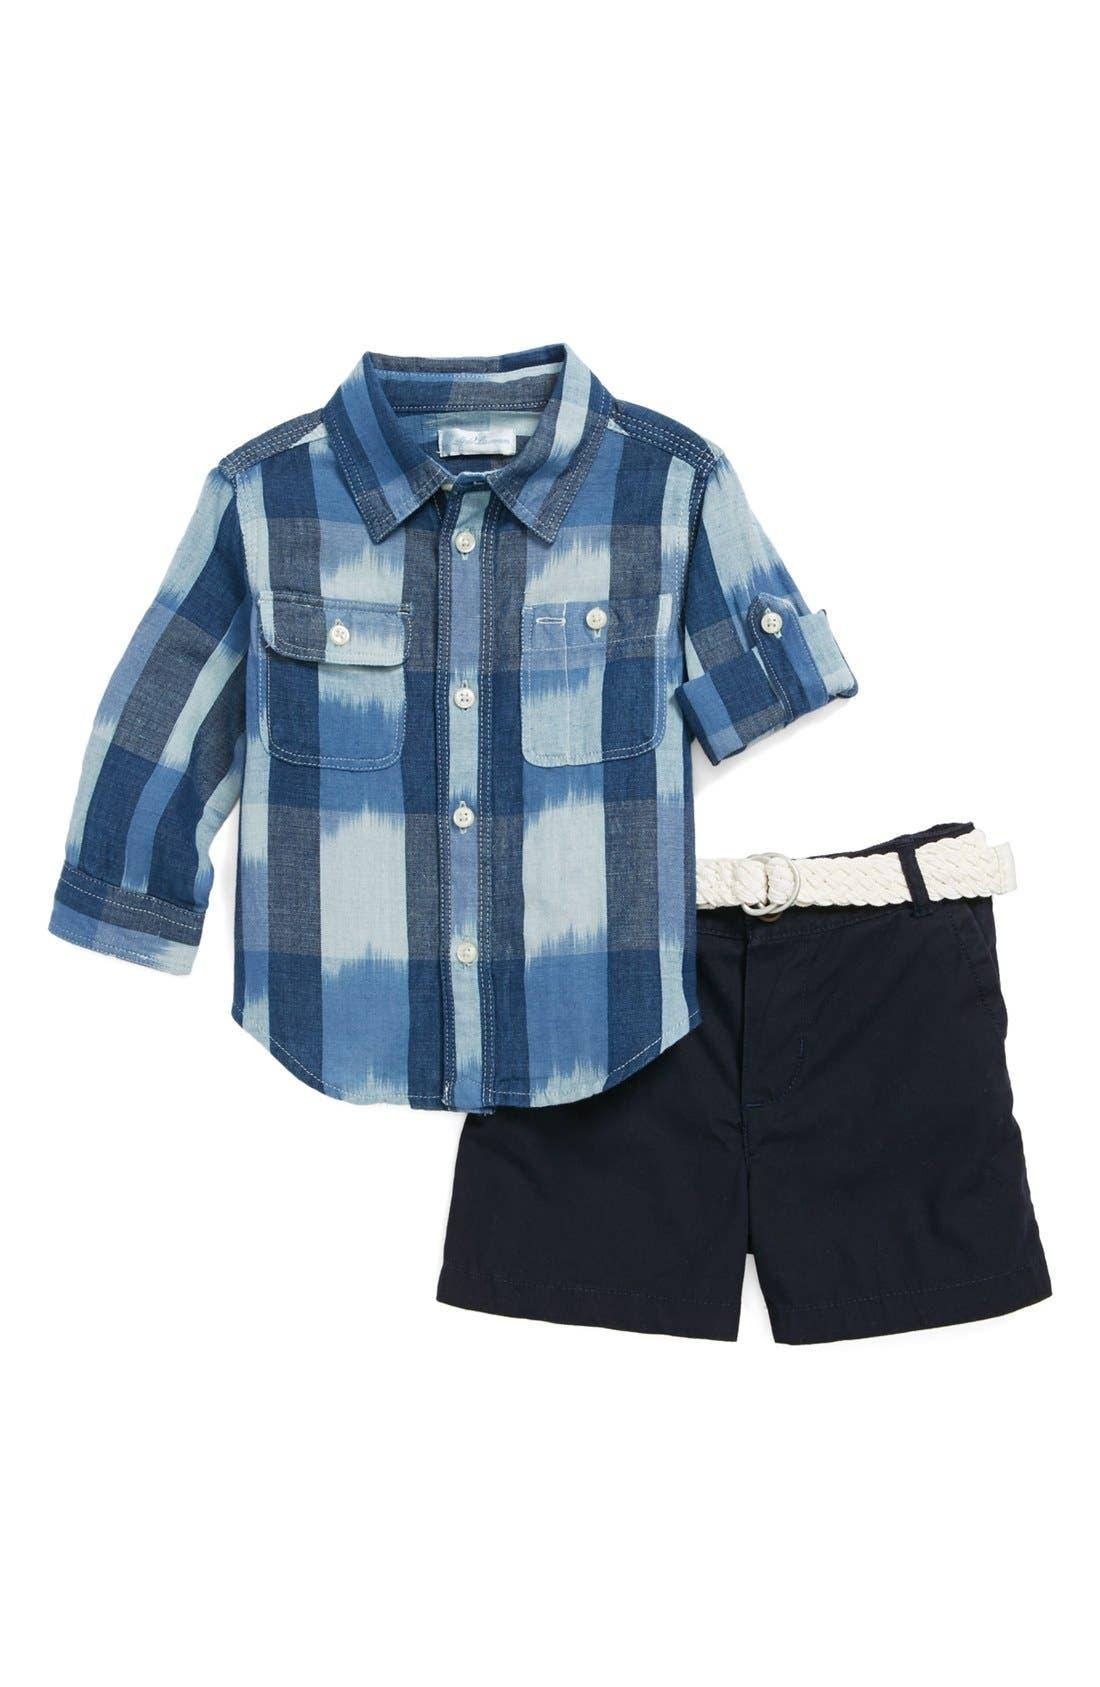 Main Image - Ralph Lauren Shirt, Belt & Woven Shorts (Baby Boys)